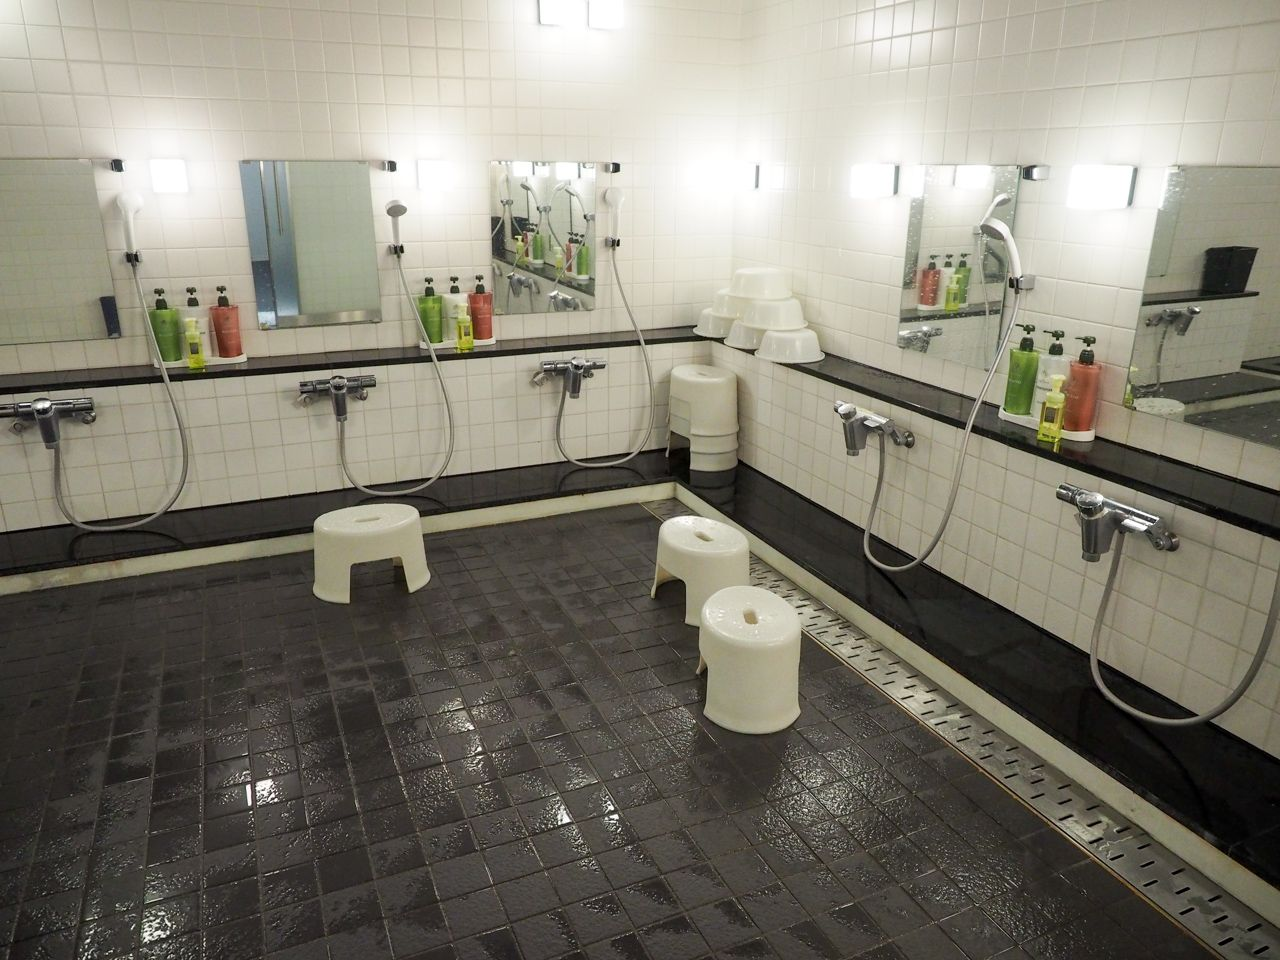 デイユースの方は大浴場の清掃時間を要チェック